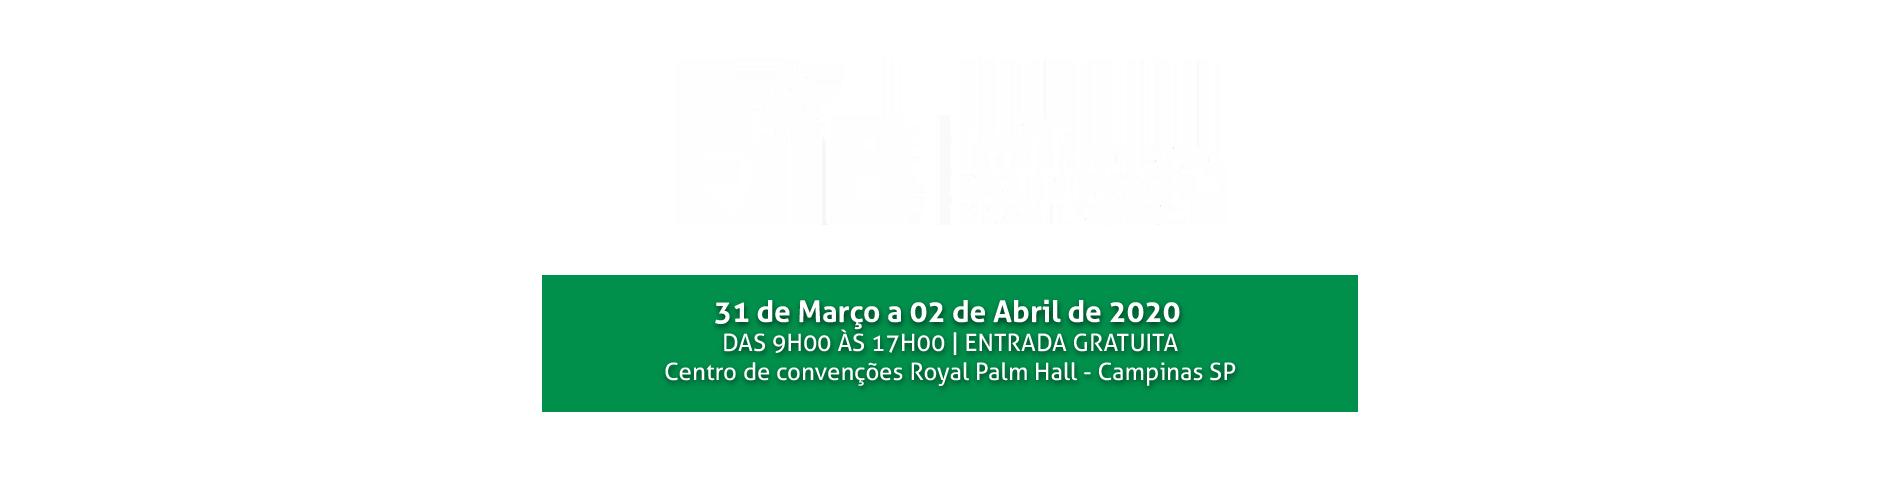 Irrigaplan - FiiB